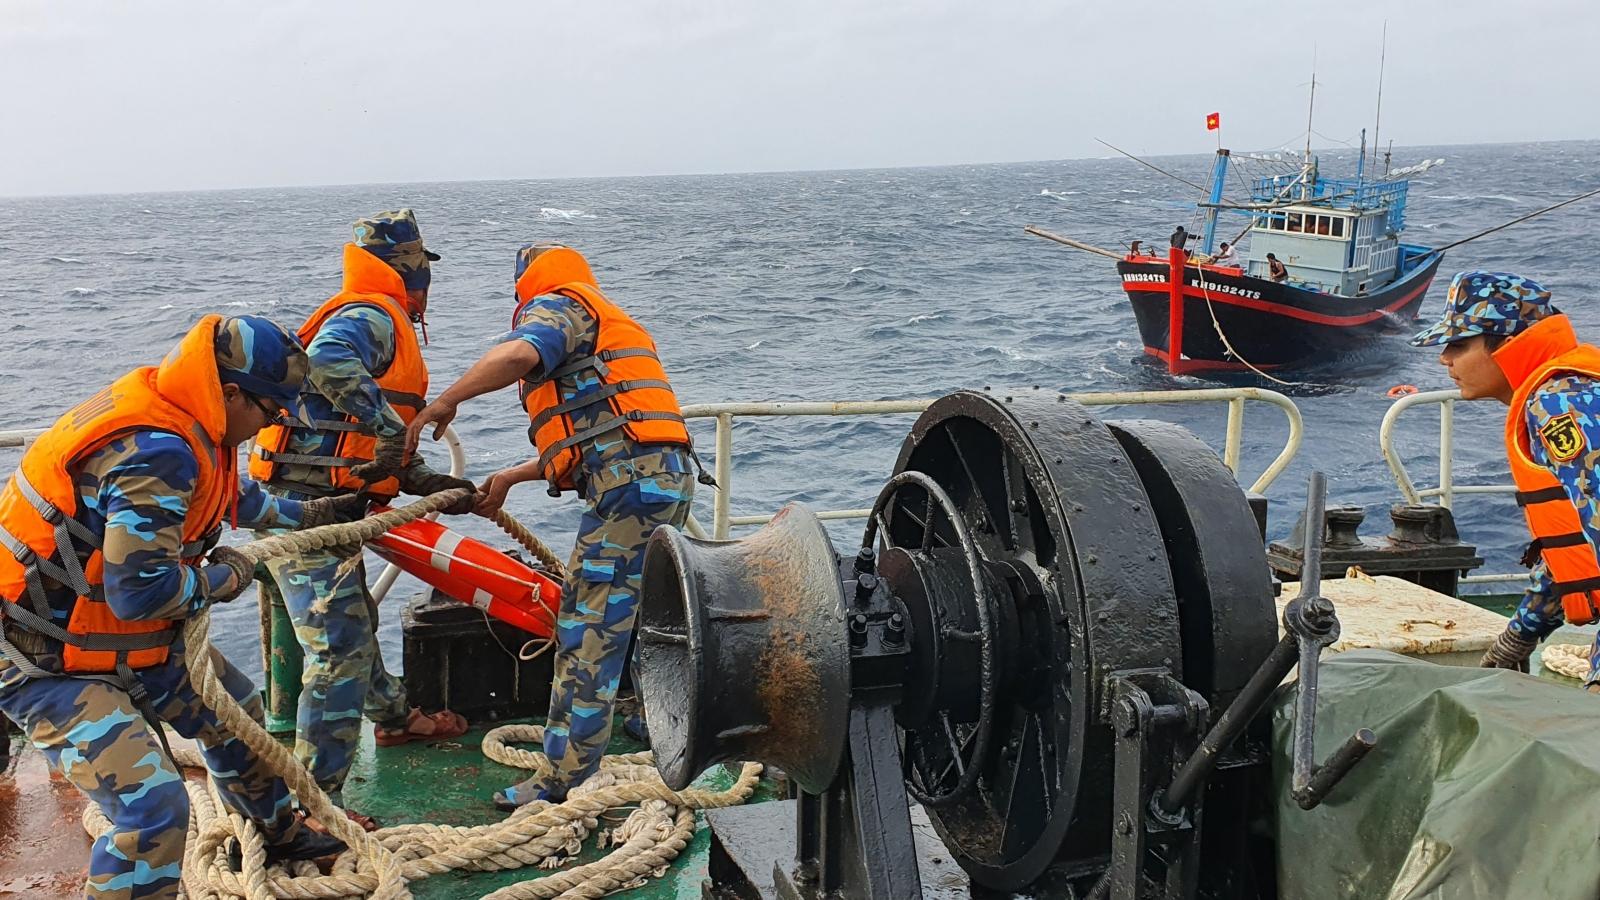 Vùng 4 Hải quân: Giúp ngư dân bằng tình cảm và trách nhiệm của người lính biển